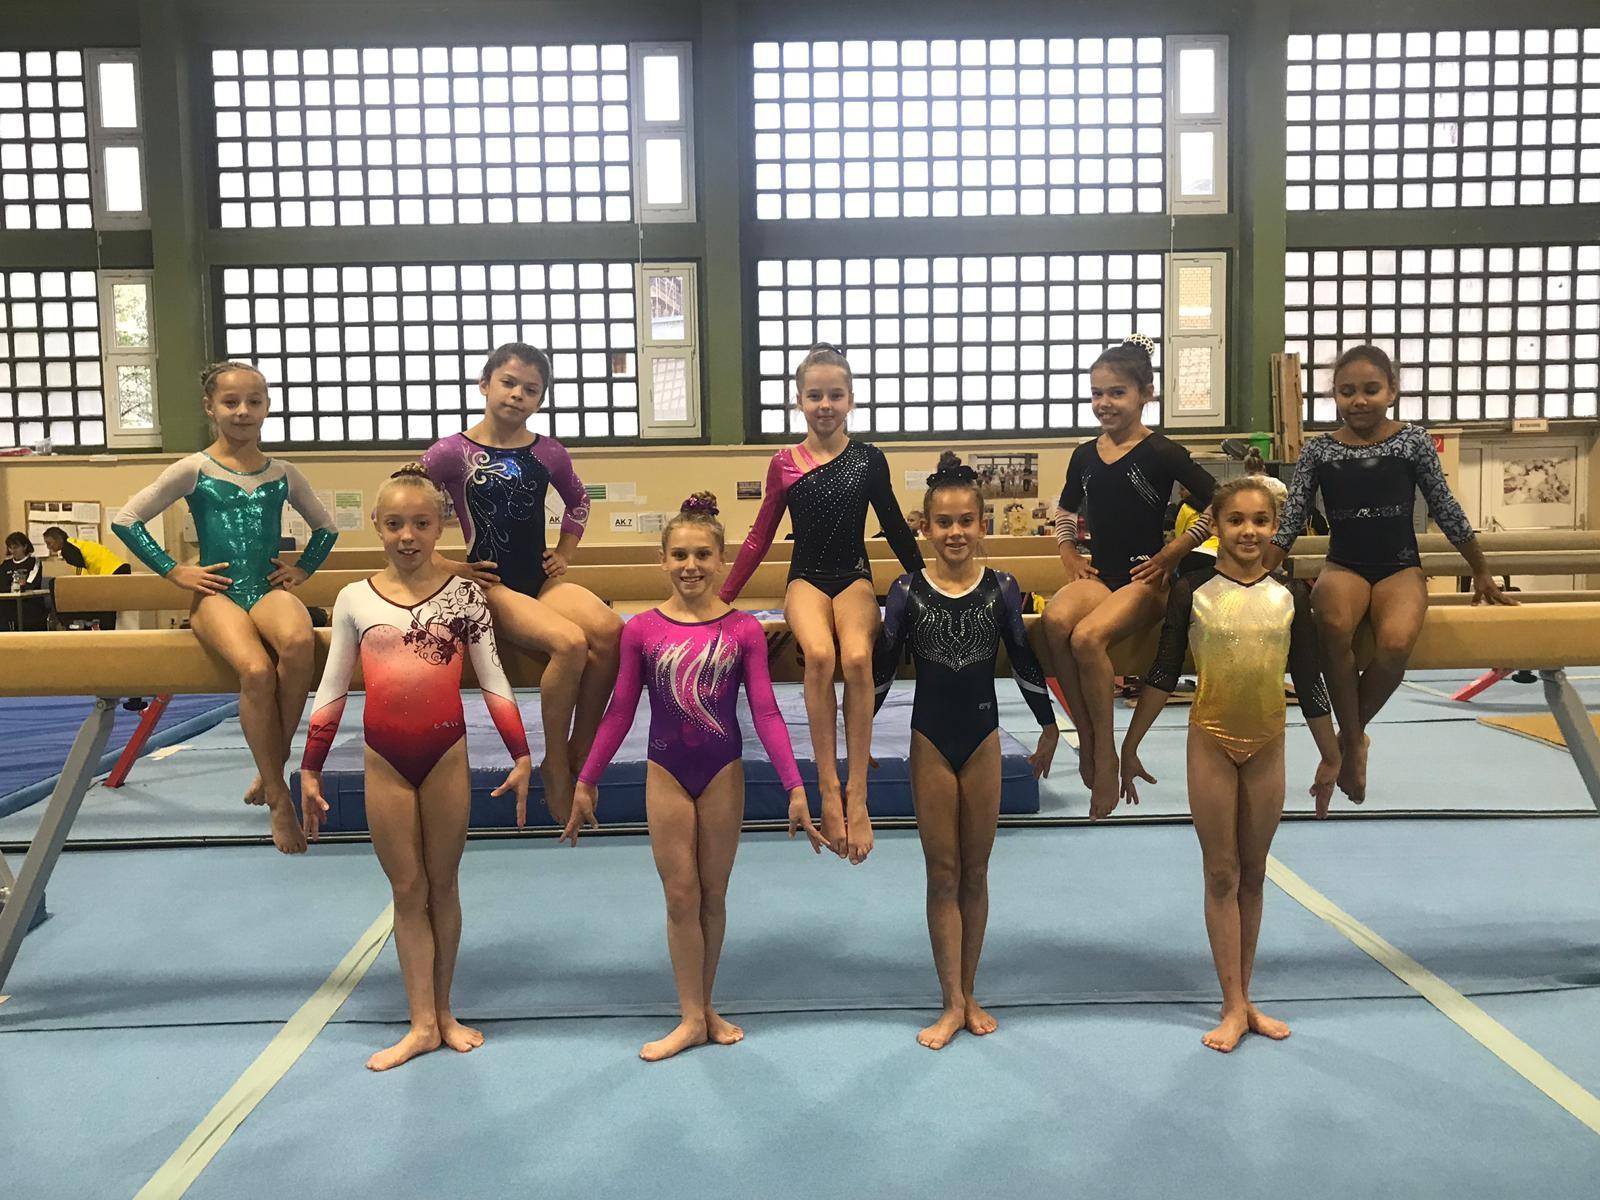 Alterklasse 11, Lara 2. von rechts am Balken sitzend